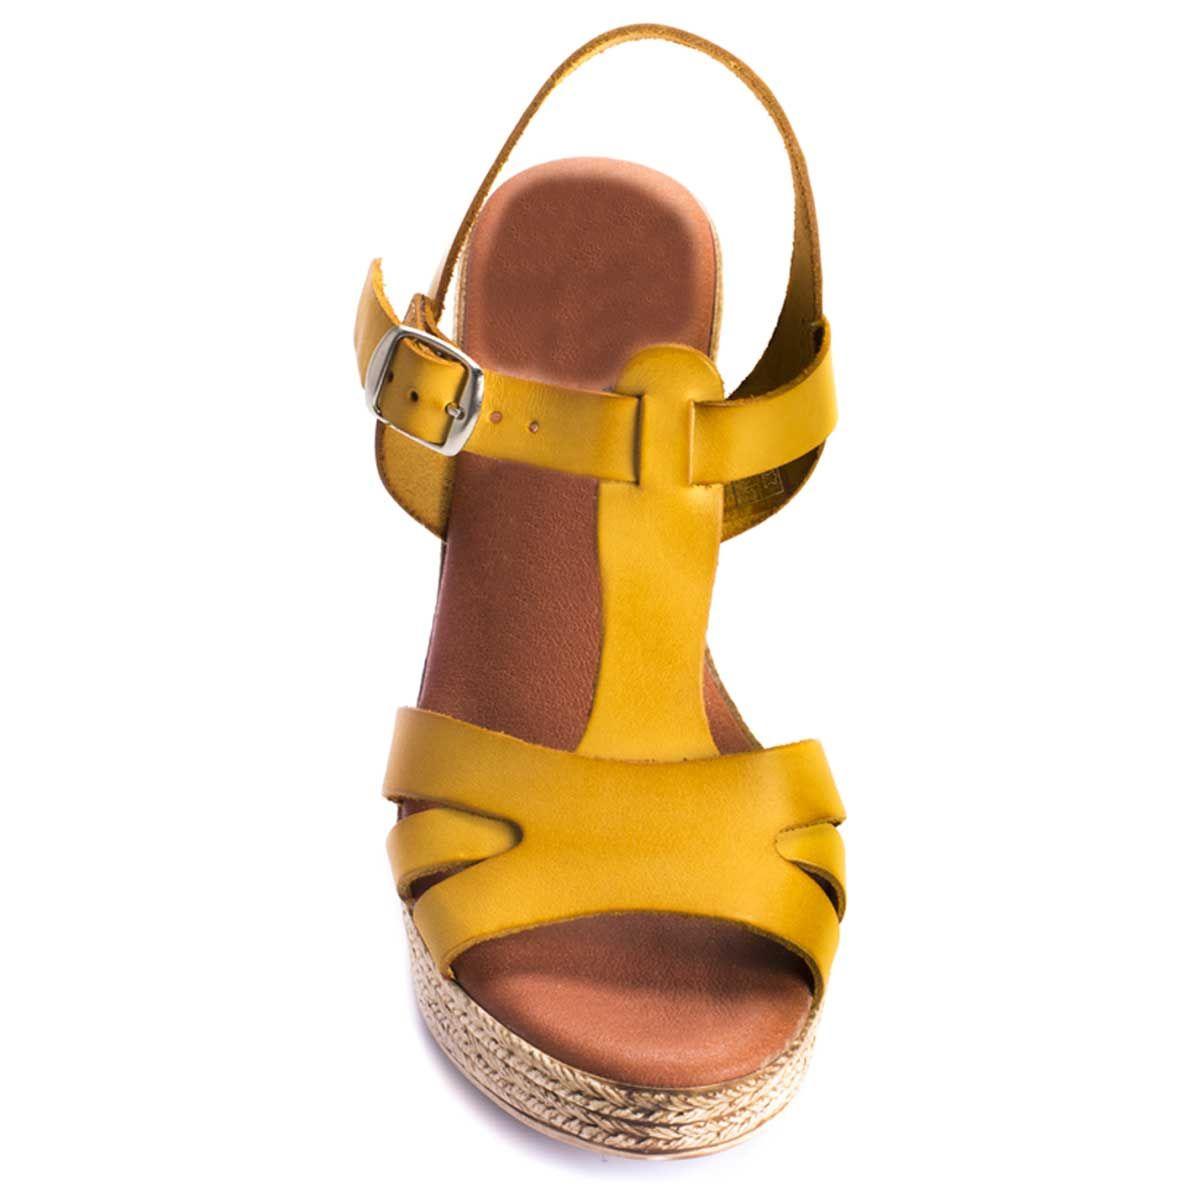 Montevita Platform Sandal in Yellow